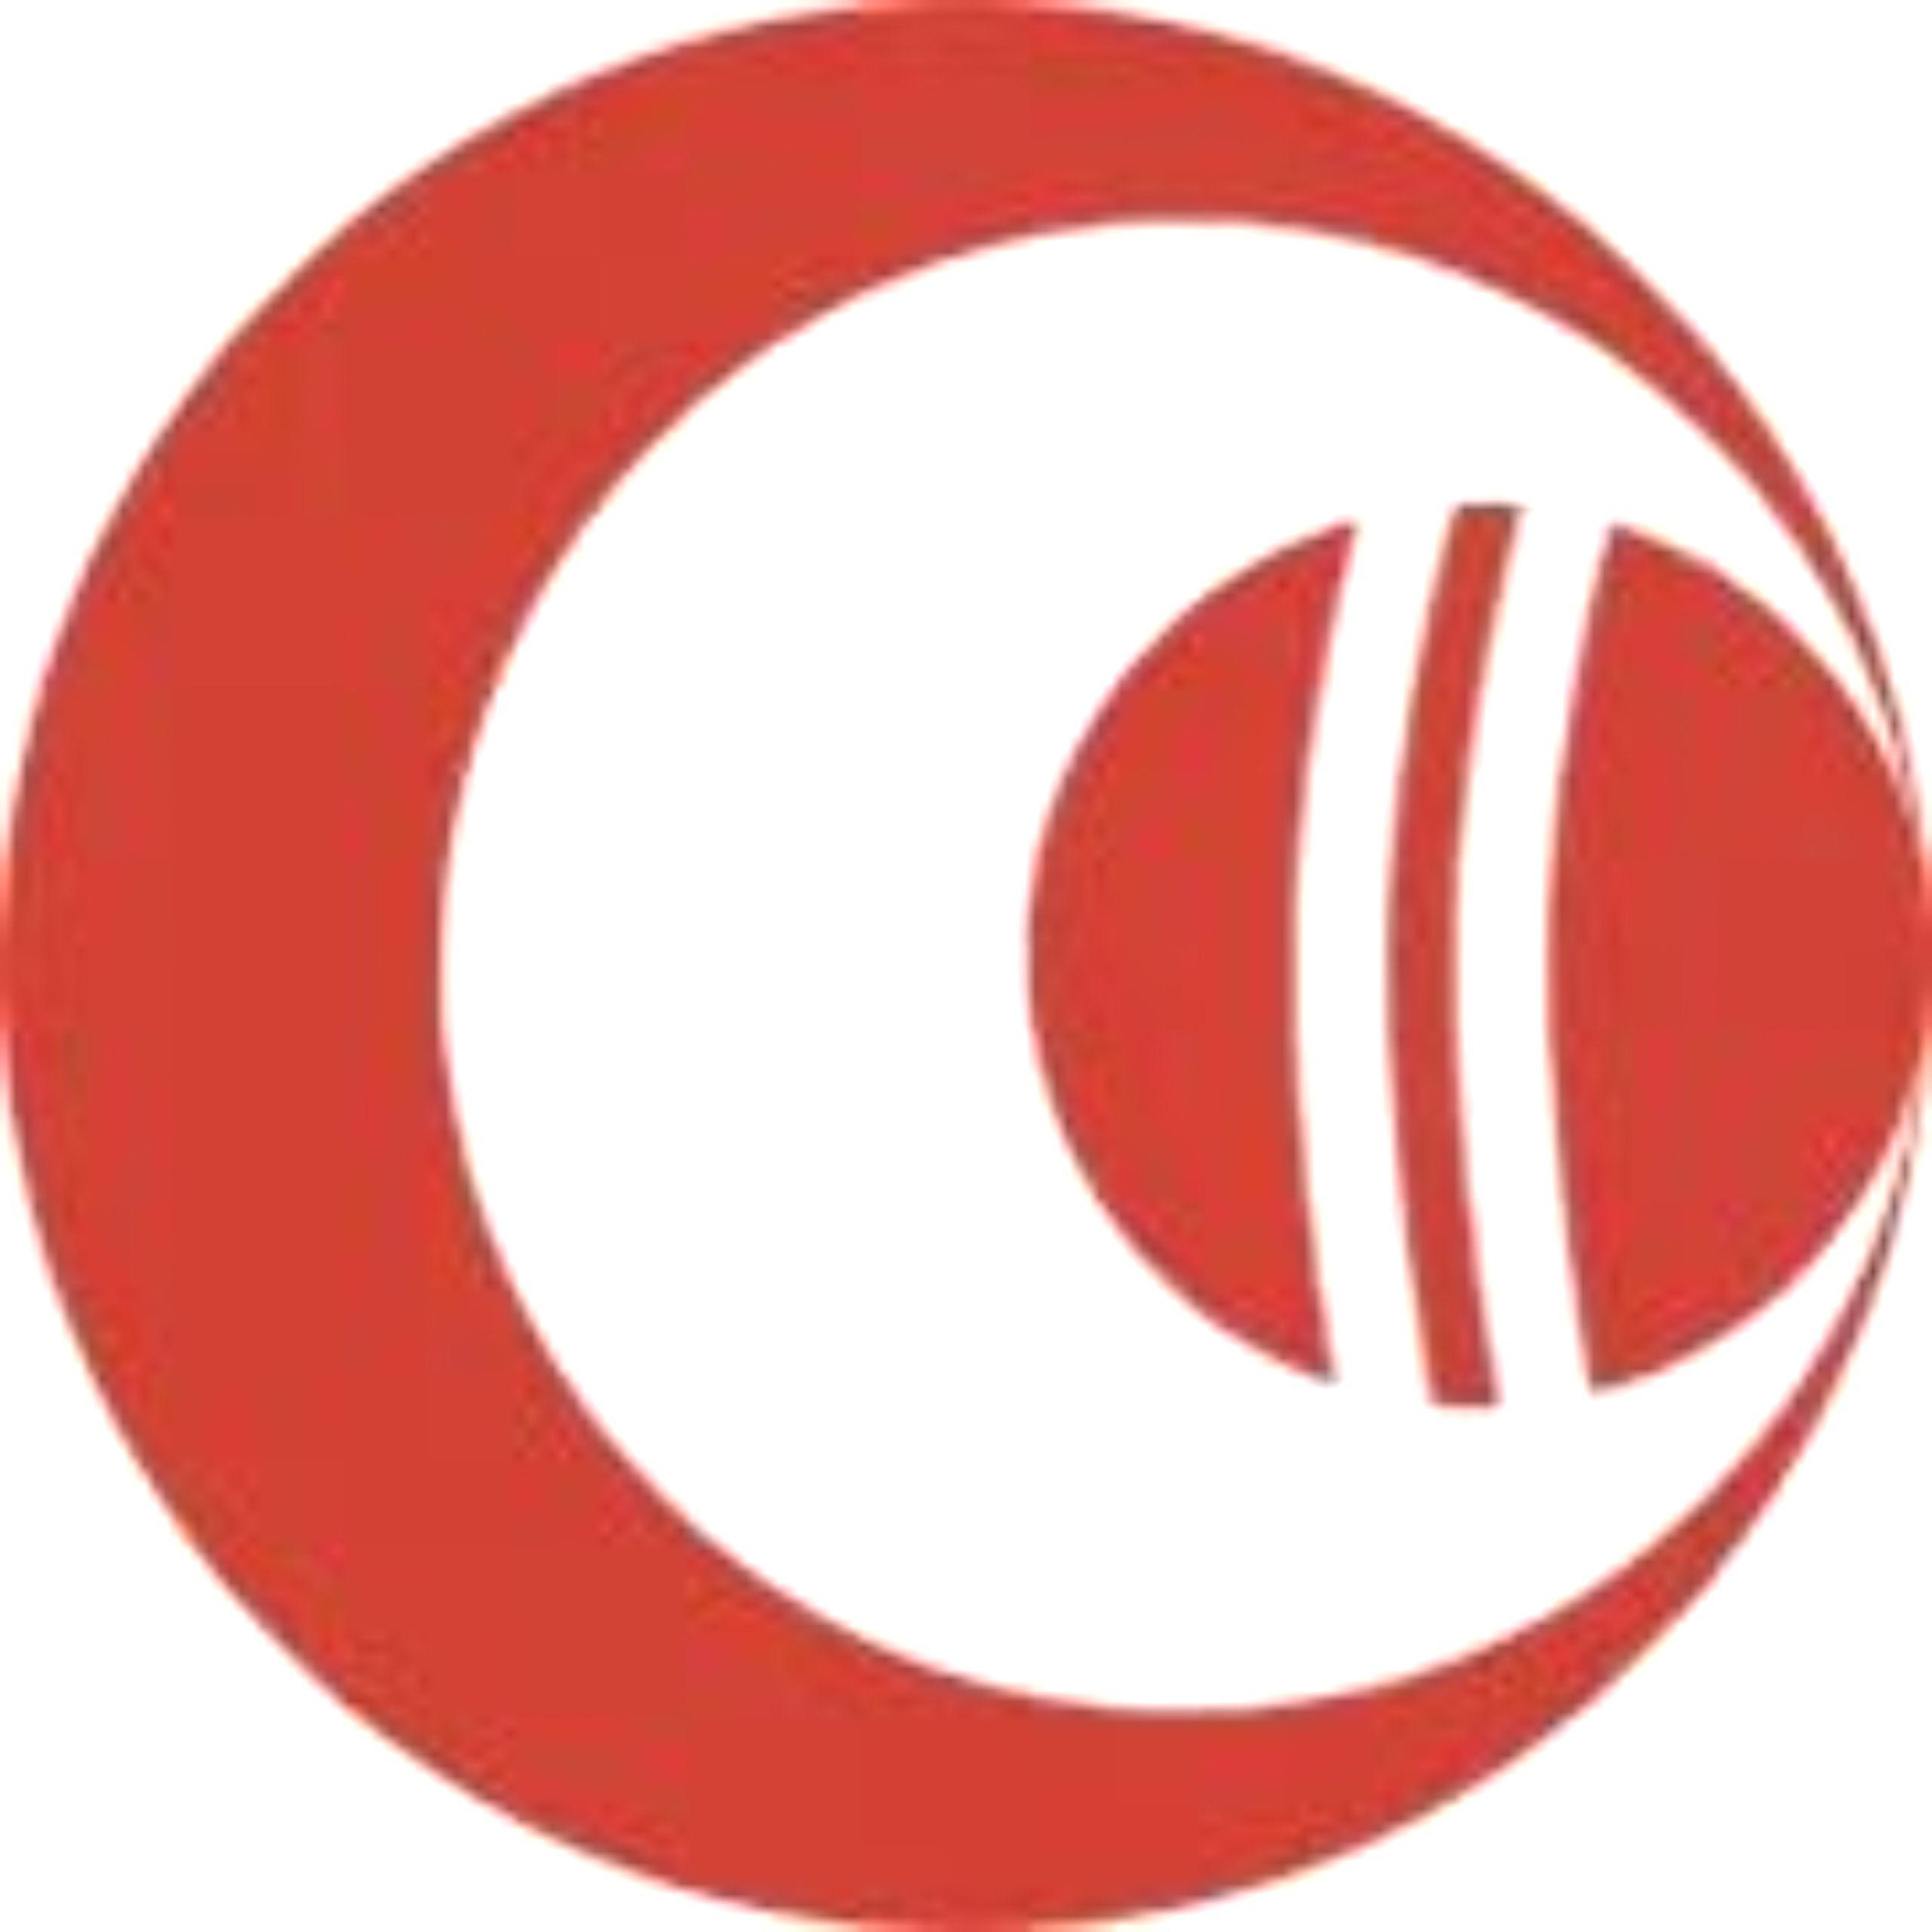 My11Circle Apk App Download, My11Circle App Review